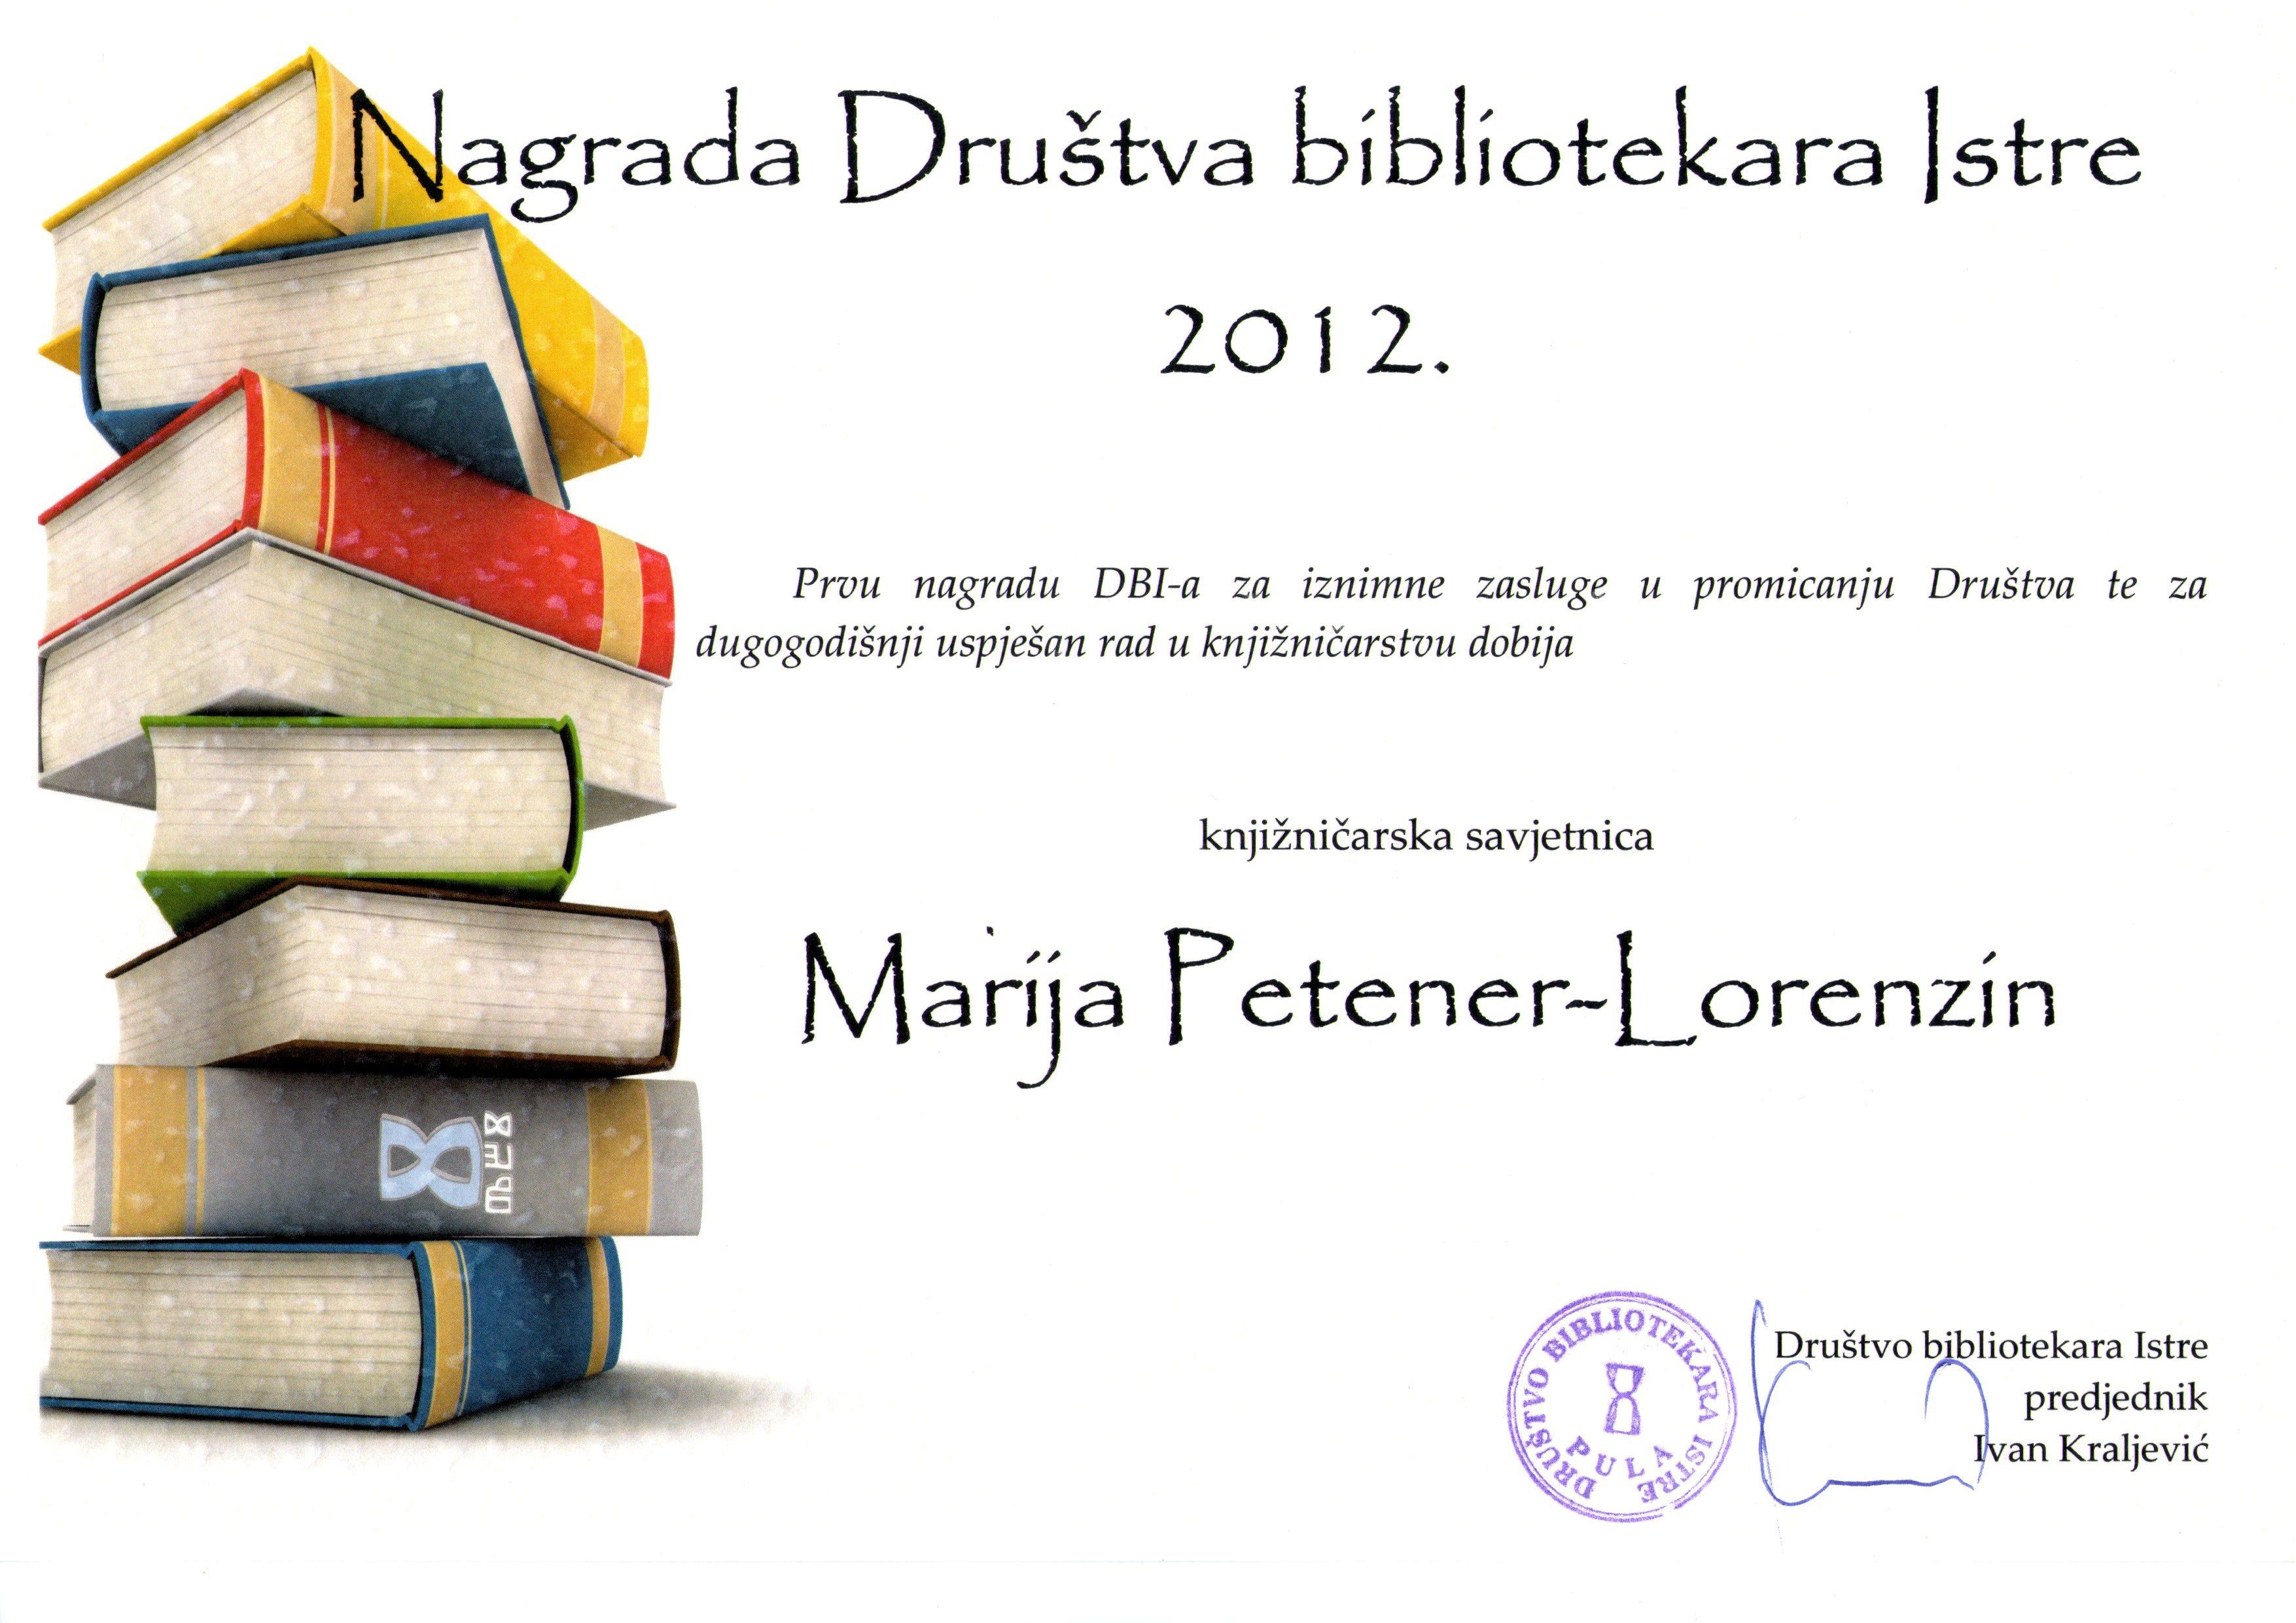 nagrada dbi 2012